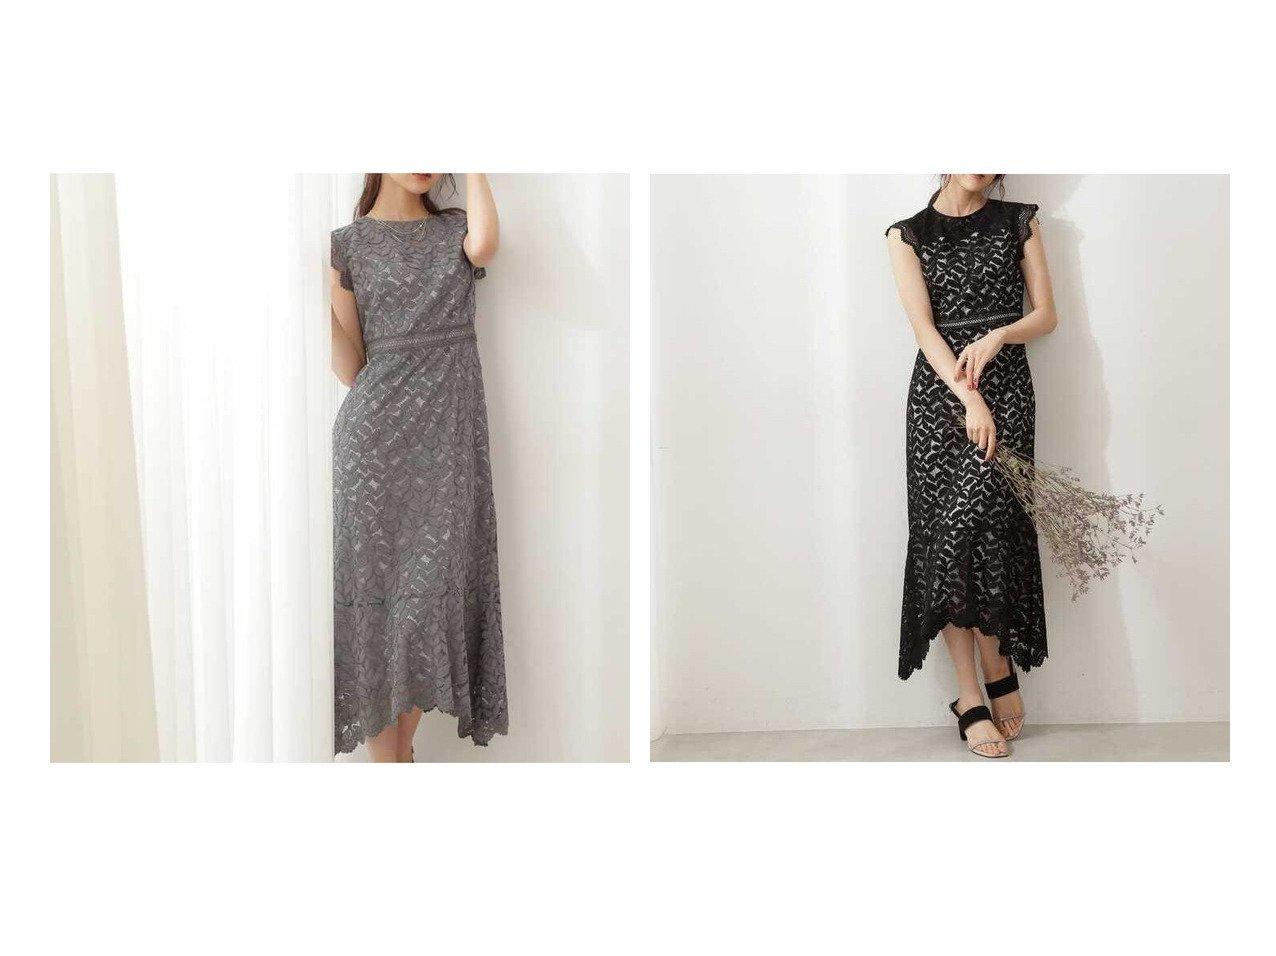 【PROPORTION BODY DRESSING/プロポーション ボディドレッシング】の《Lou Lou Fee》レースタイトドレス 【ワンピース・ドレス】おすすめ!人気、トレンド・レディースファッションの通販 おすすめで人気の流行・トレンド、ファッションの通販商品 インテリア・家具・メンズファッション・キッズファッション・レディースファッション・服の通販 founy(ファニー) https://founy.com/ ファッション Fashion レディースファッション WOMEN ワンピース Dress ドレス Party Dresses おすすめ Recommend ショルダー ドレス フリル マーメイド ワーク  ID:crp329100000060612